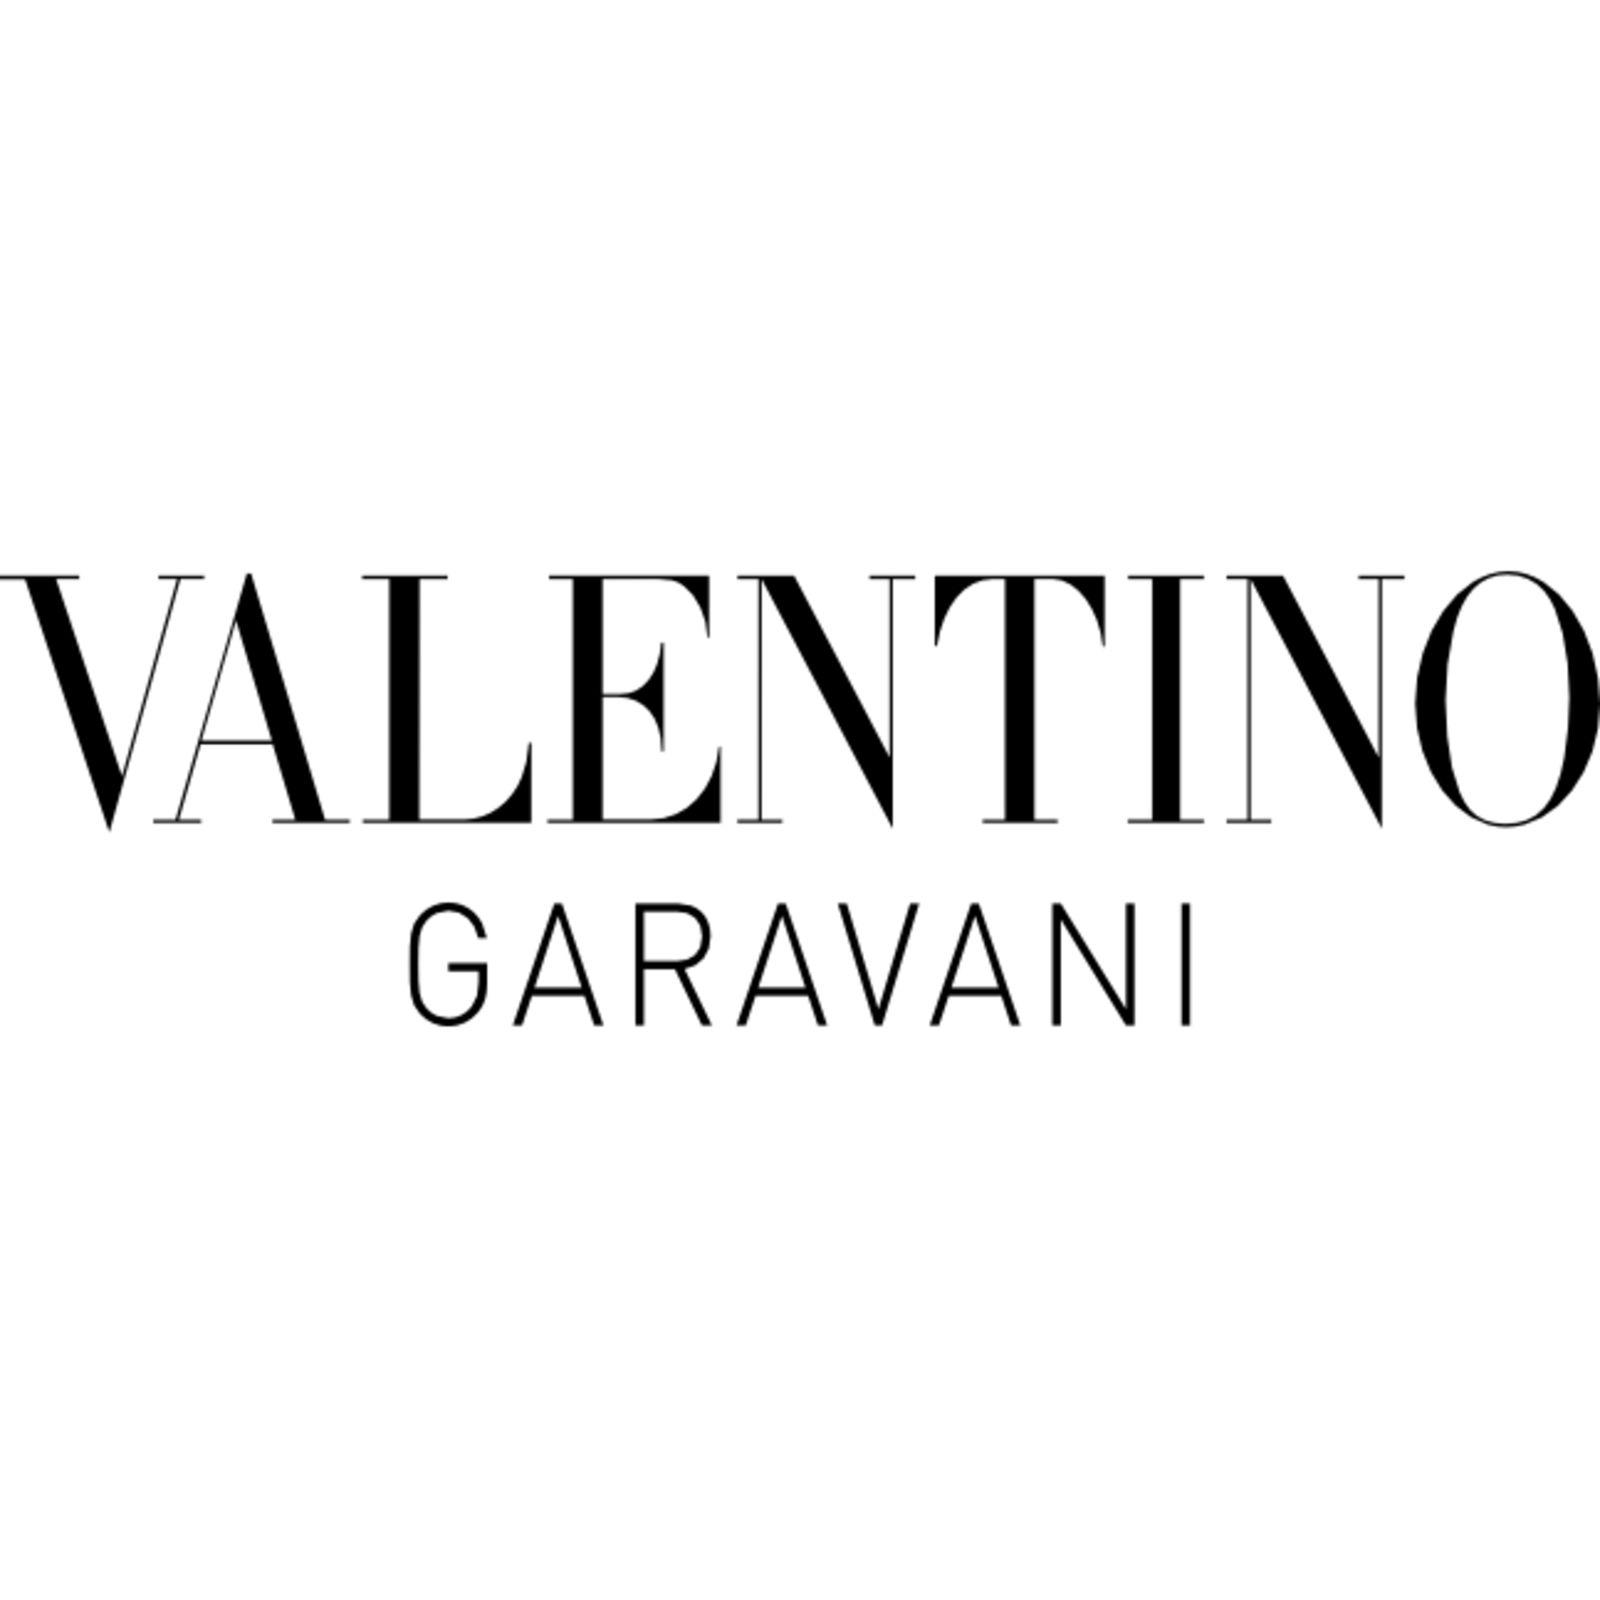 VALENTINO GARAVANI (Bild 1)